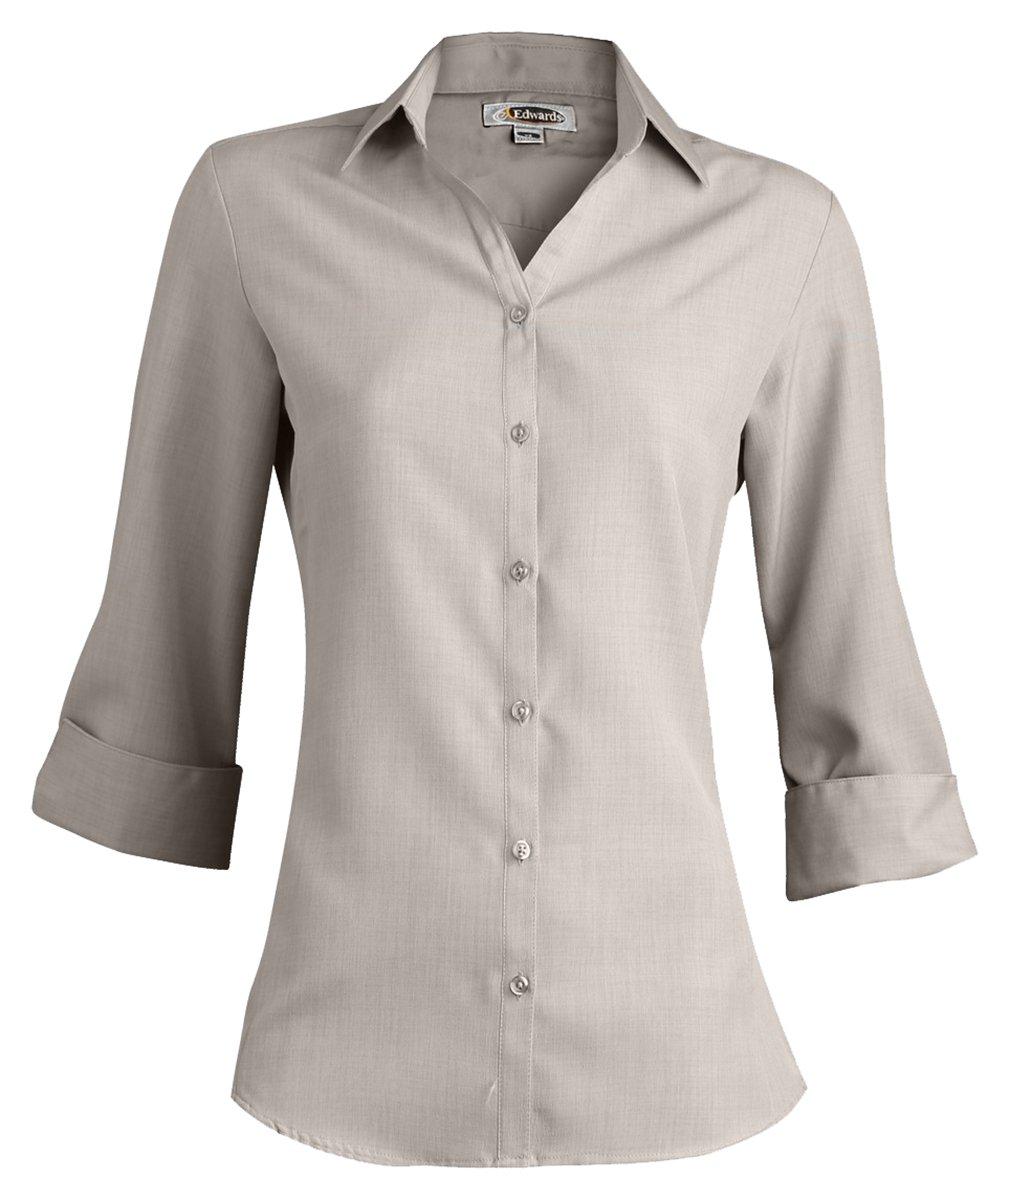 Ed Garments SHIRT レディース B0185EJWXS XXXL|クリーム クリーム XXXL